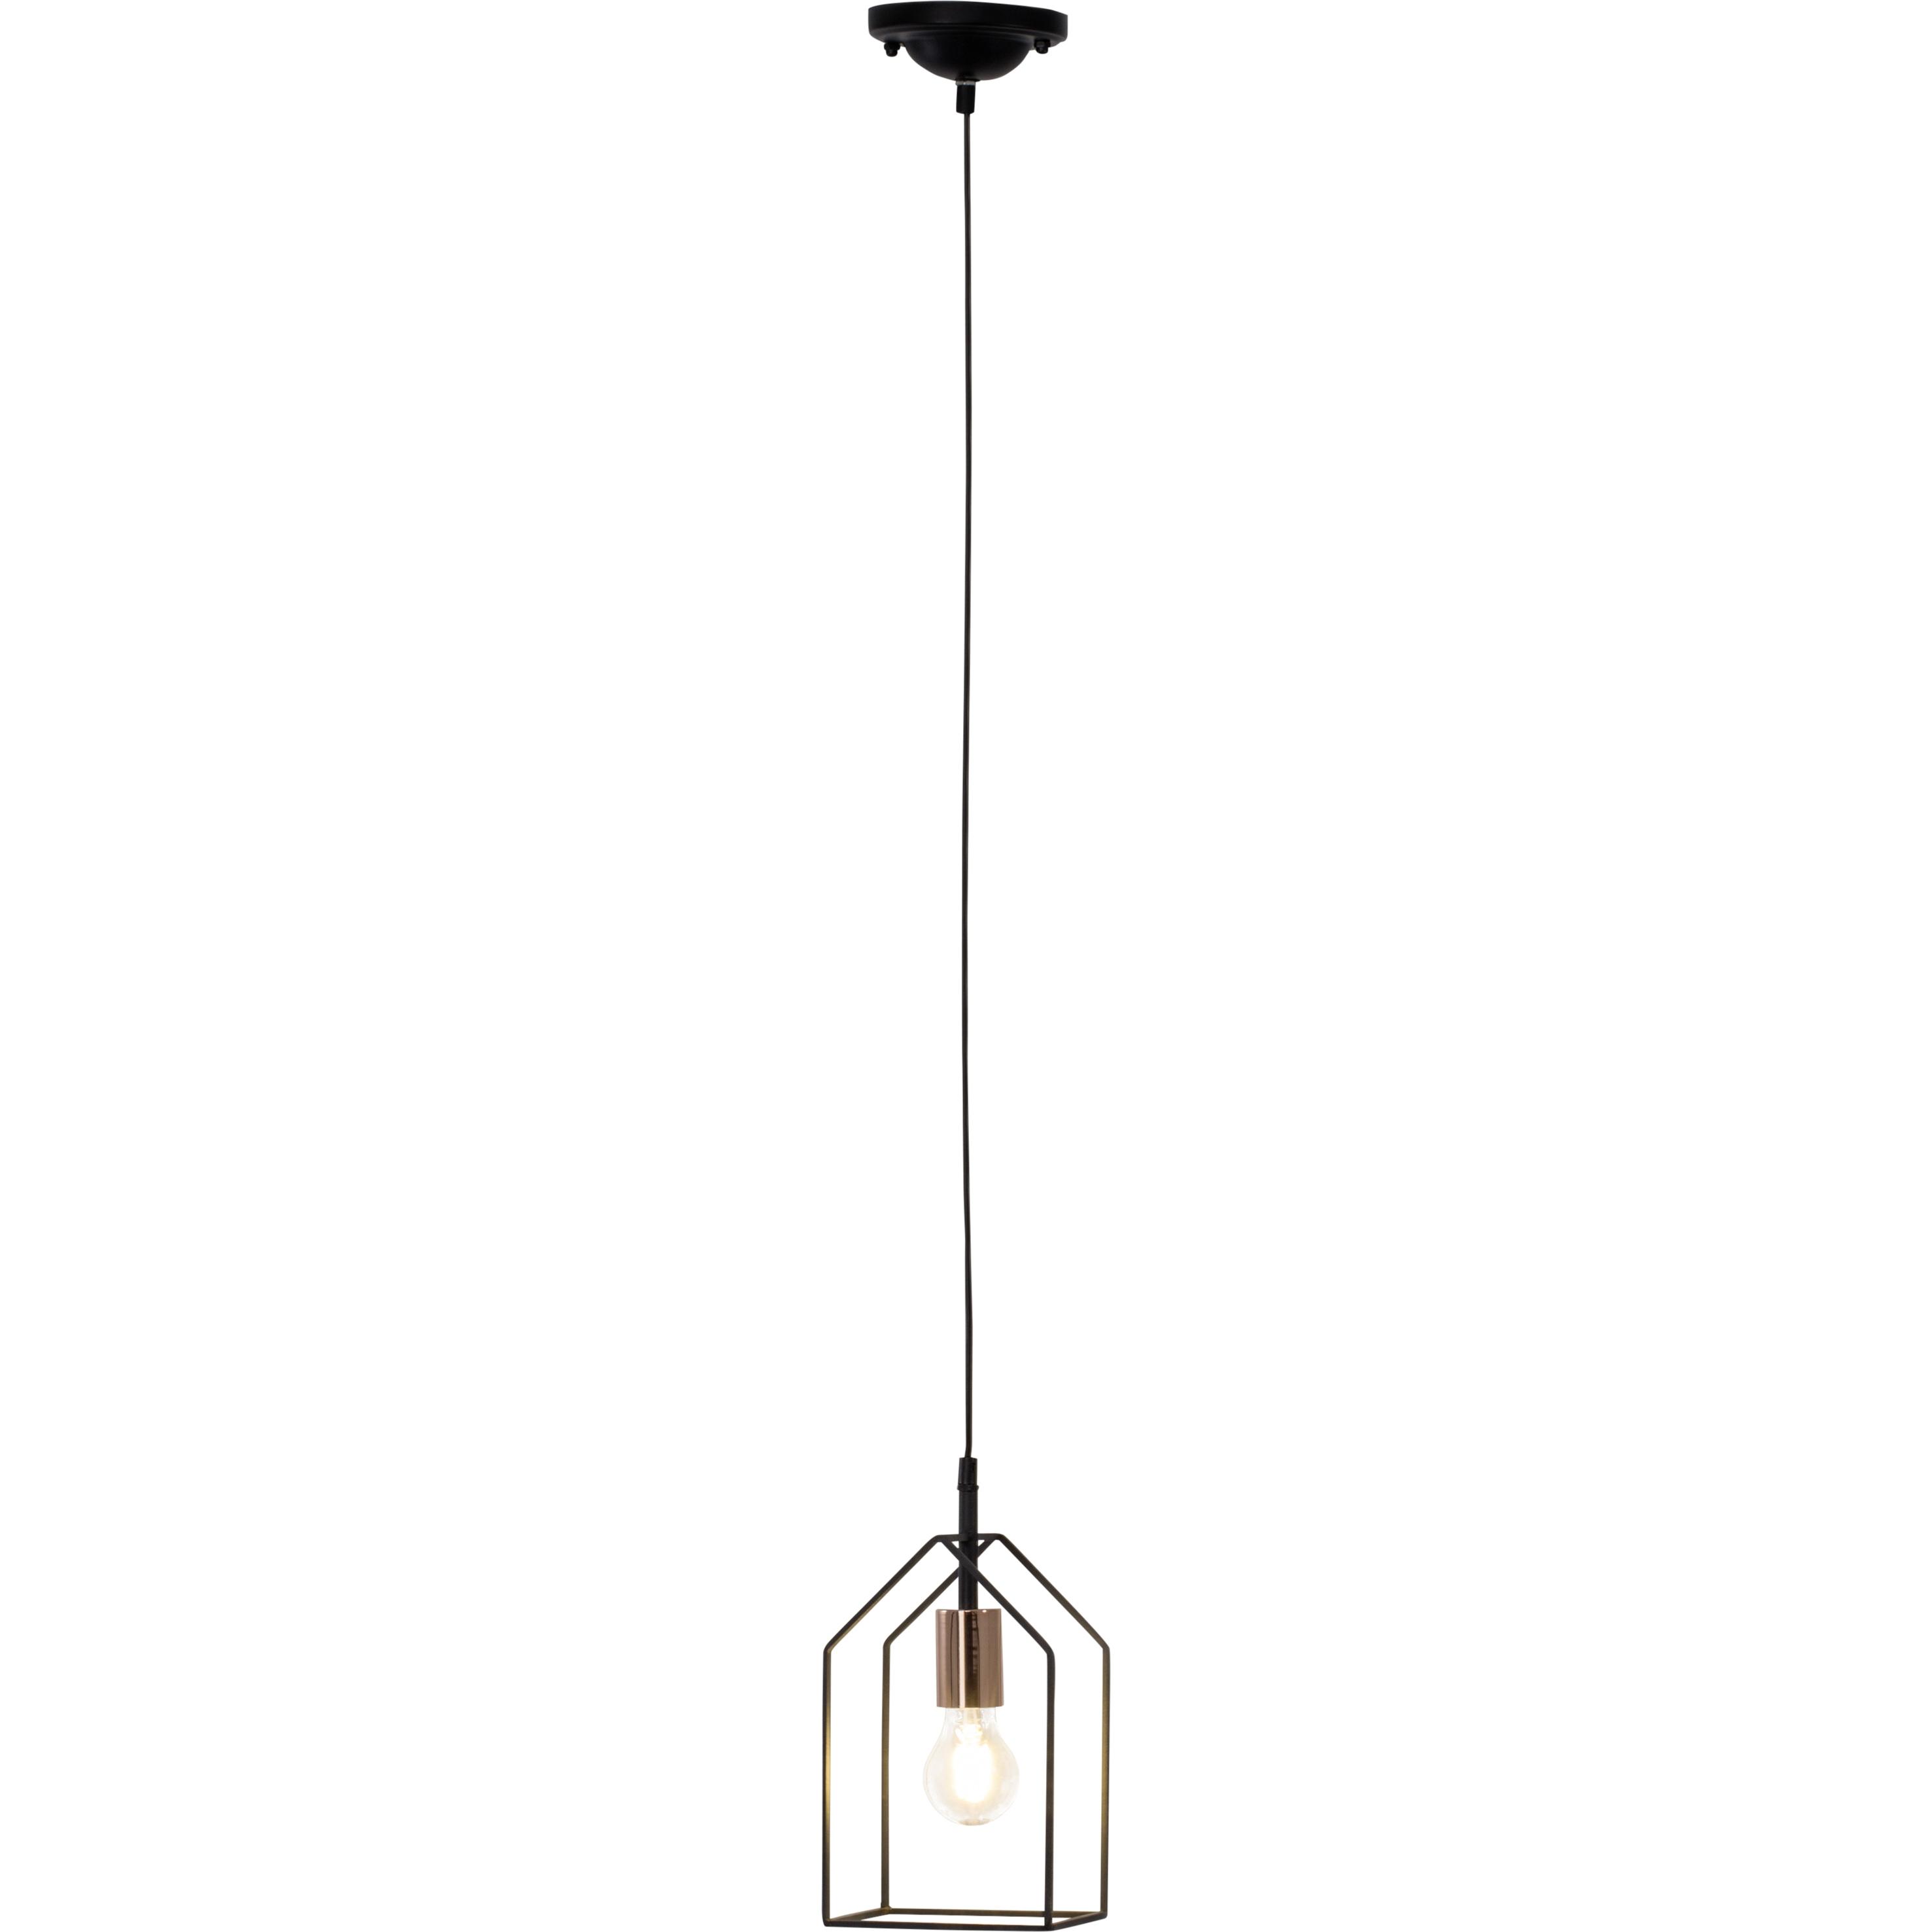 Brilliant Leuchten Home Pendelleuchte 15x15cm schwarz/kupfer